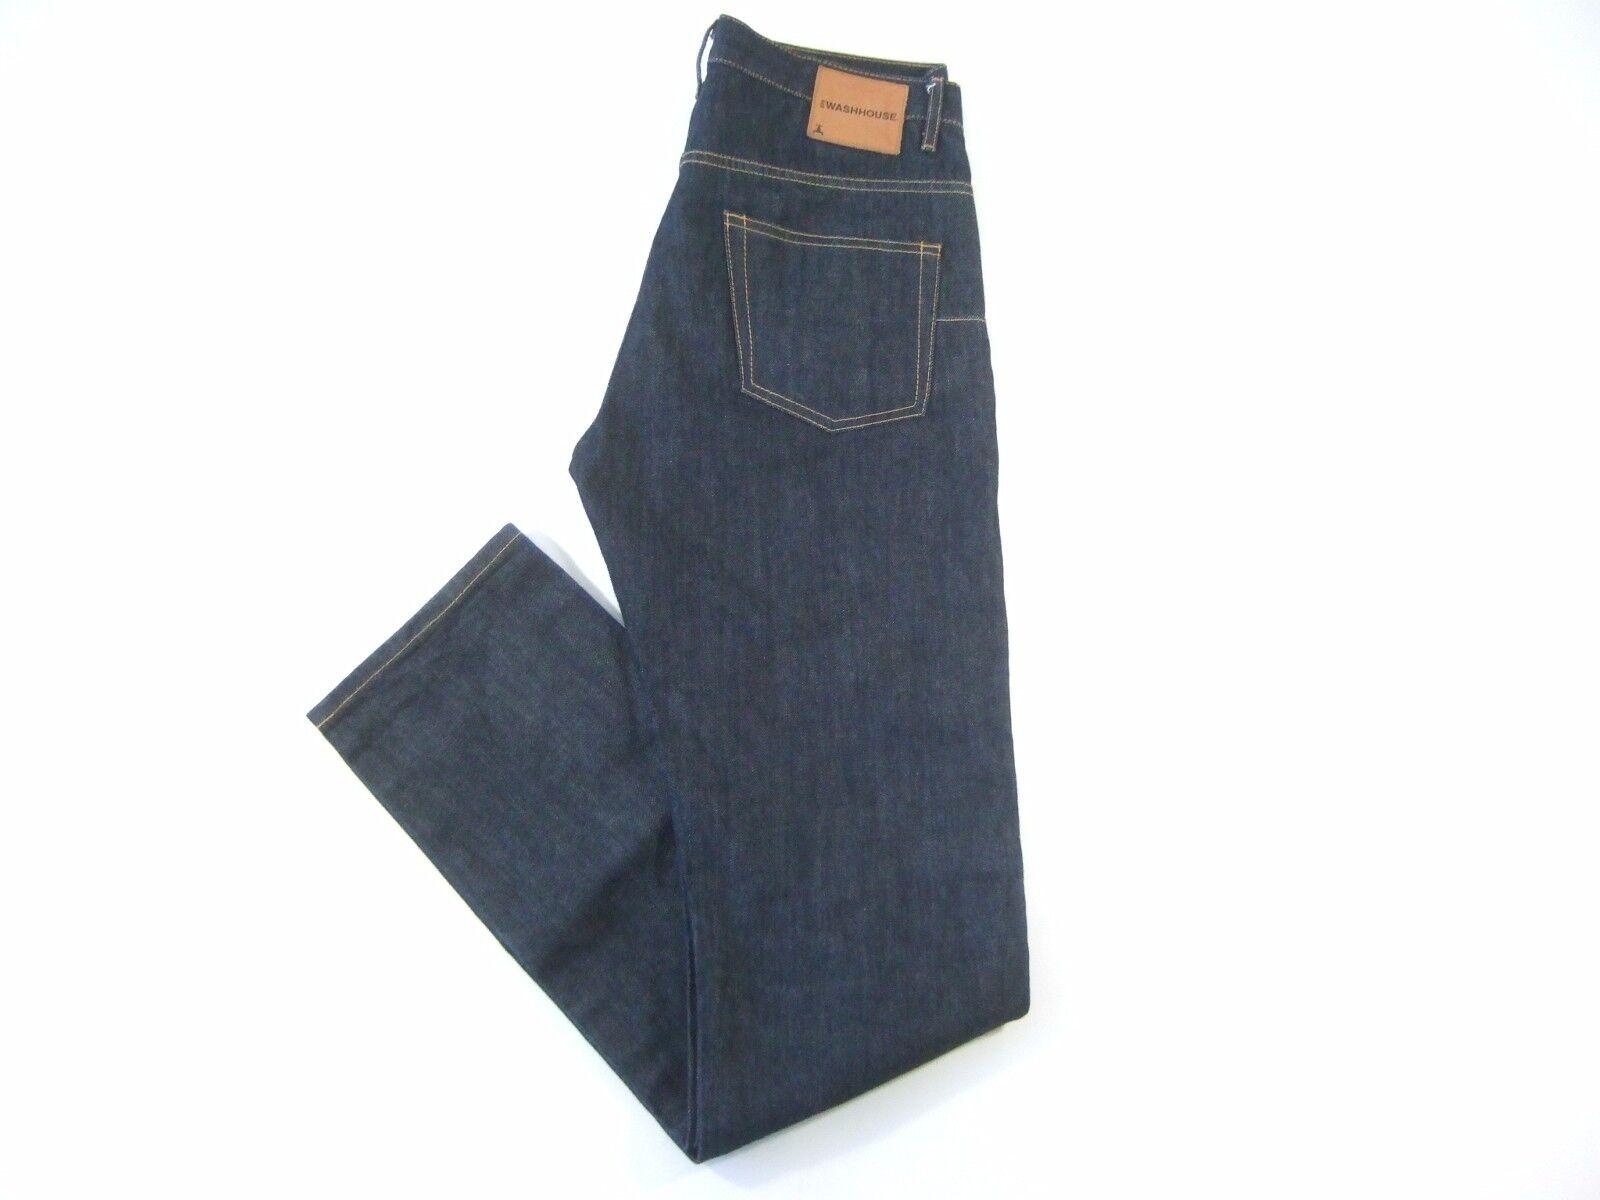 Bpd Wash House Washhouse Dunkelblau 31 Slim Fit Jeans Herren Neue    Modern    Elegant    Bestellungen Sind Willkommen